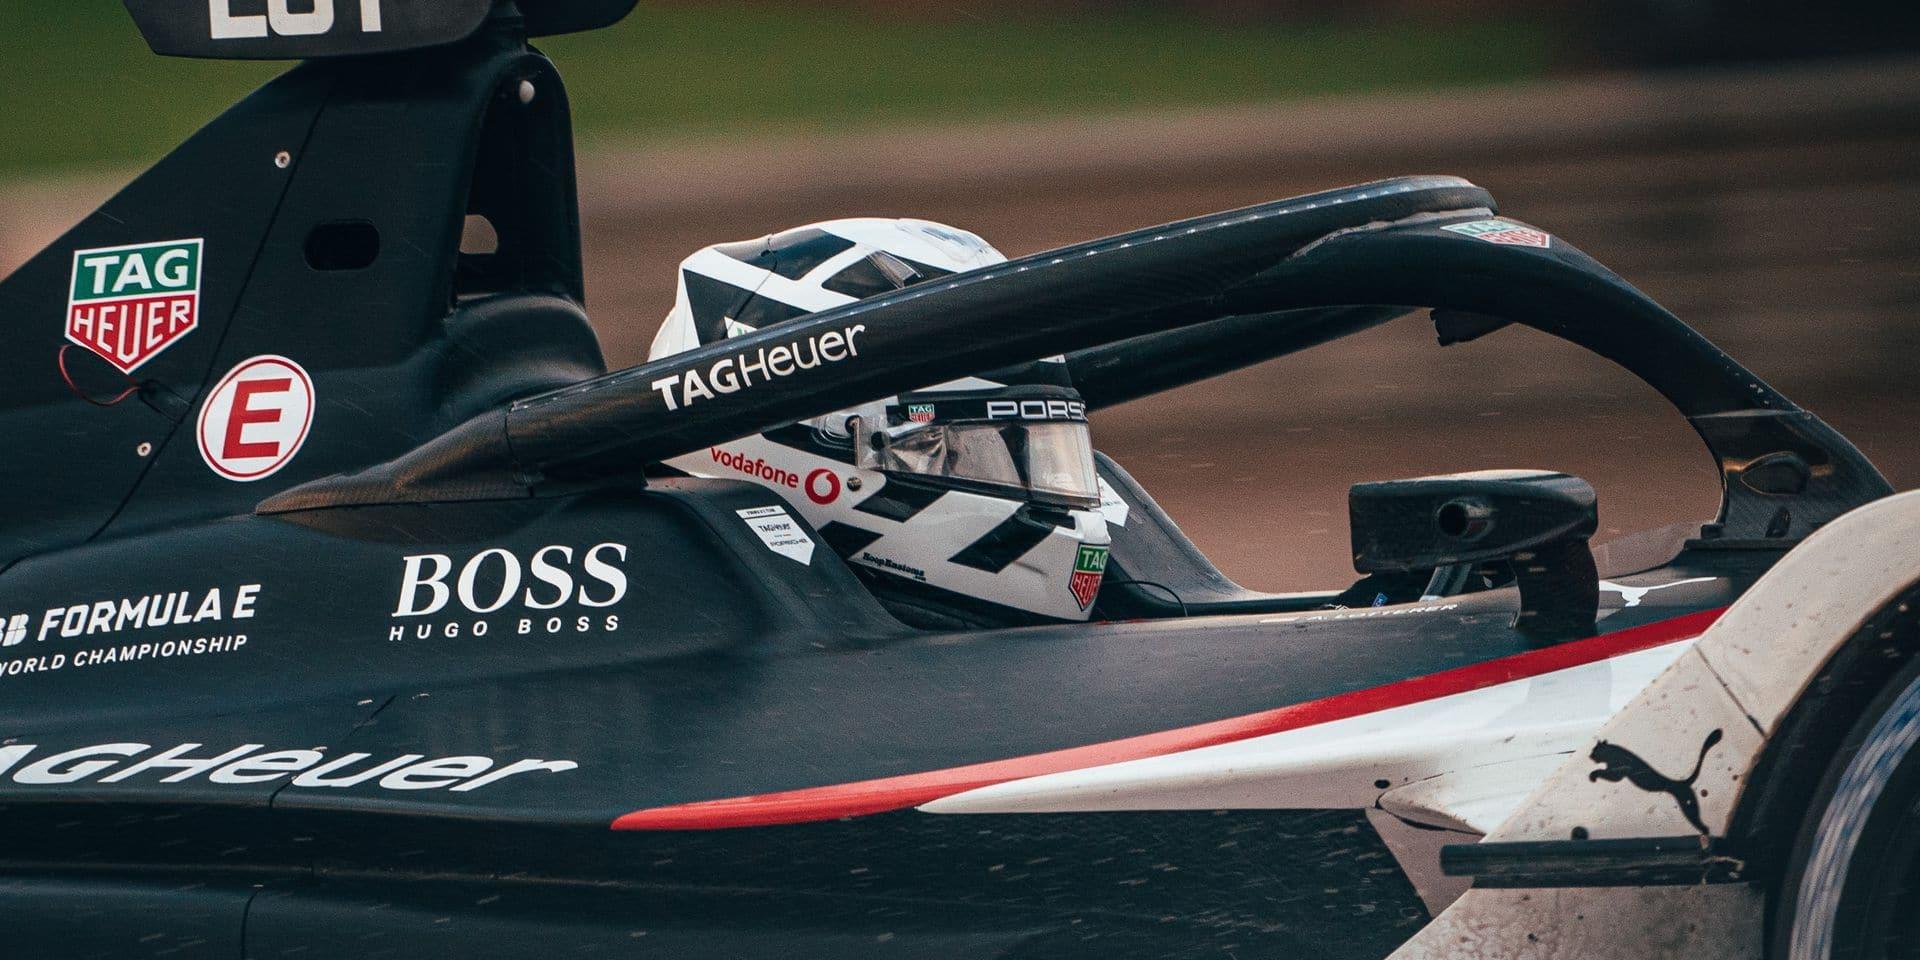 ePrix de Valence: Médaille d'argent pour Lotterer, abandon pour Vandoorne